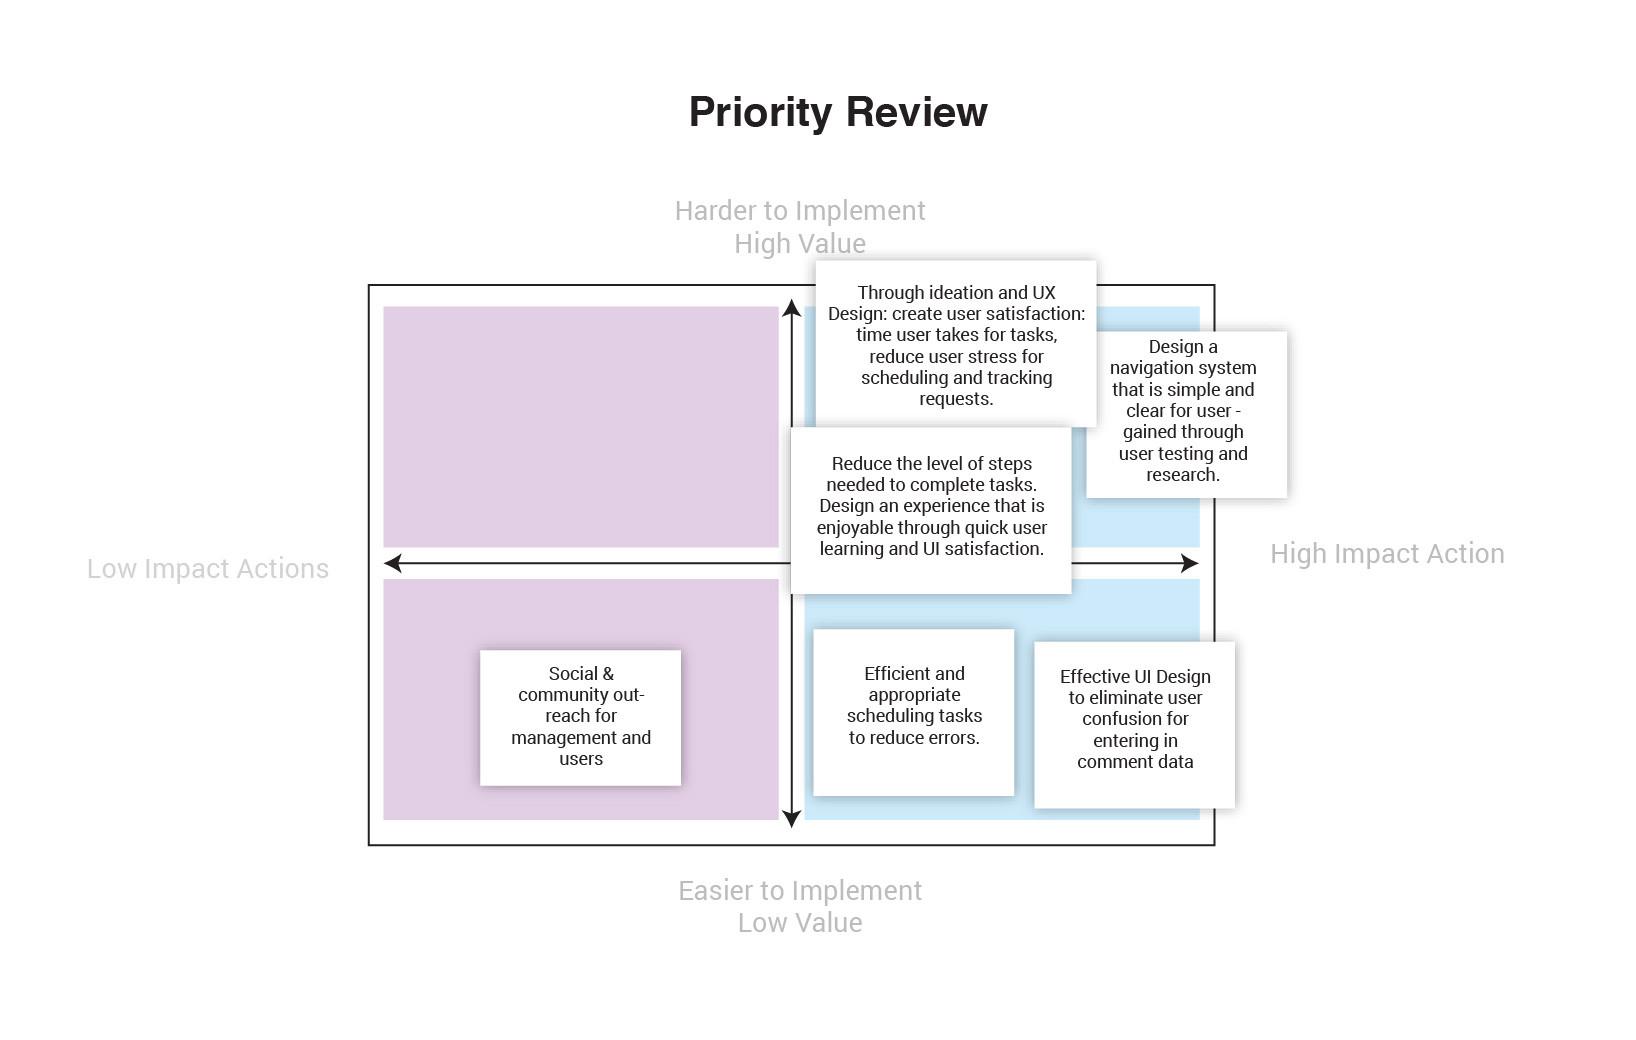 Priority-Review-Goals-01.jpg